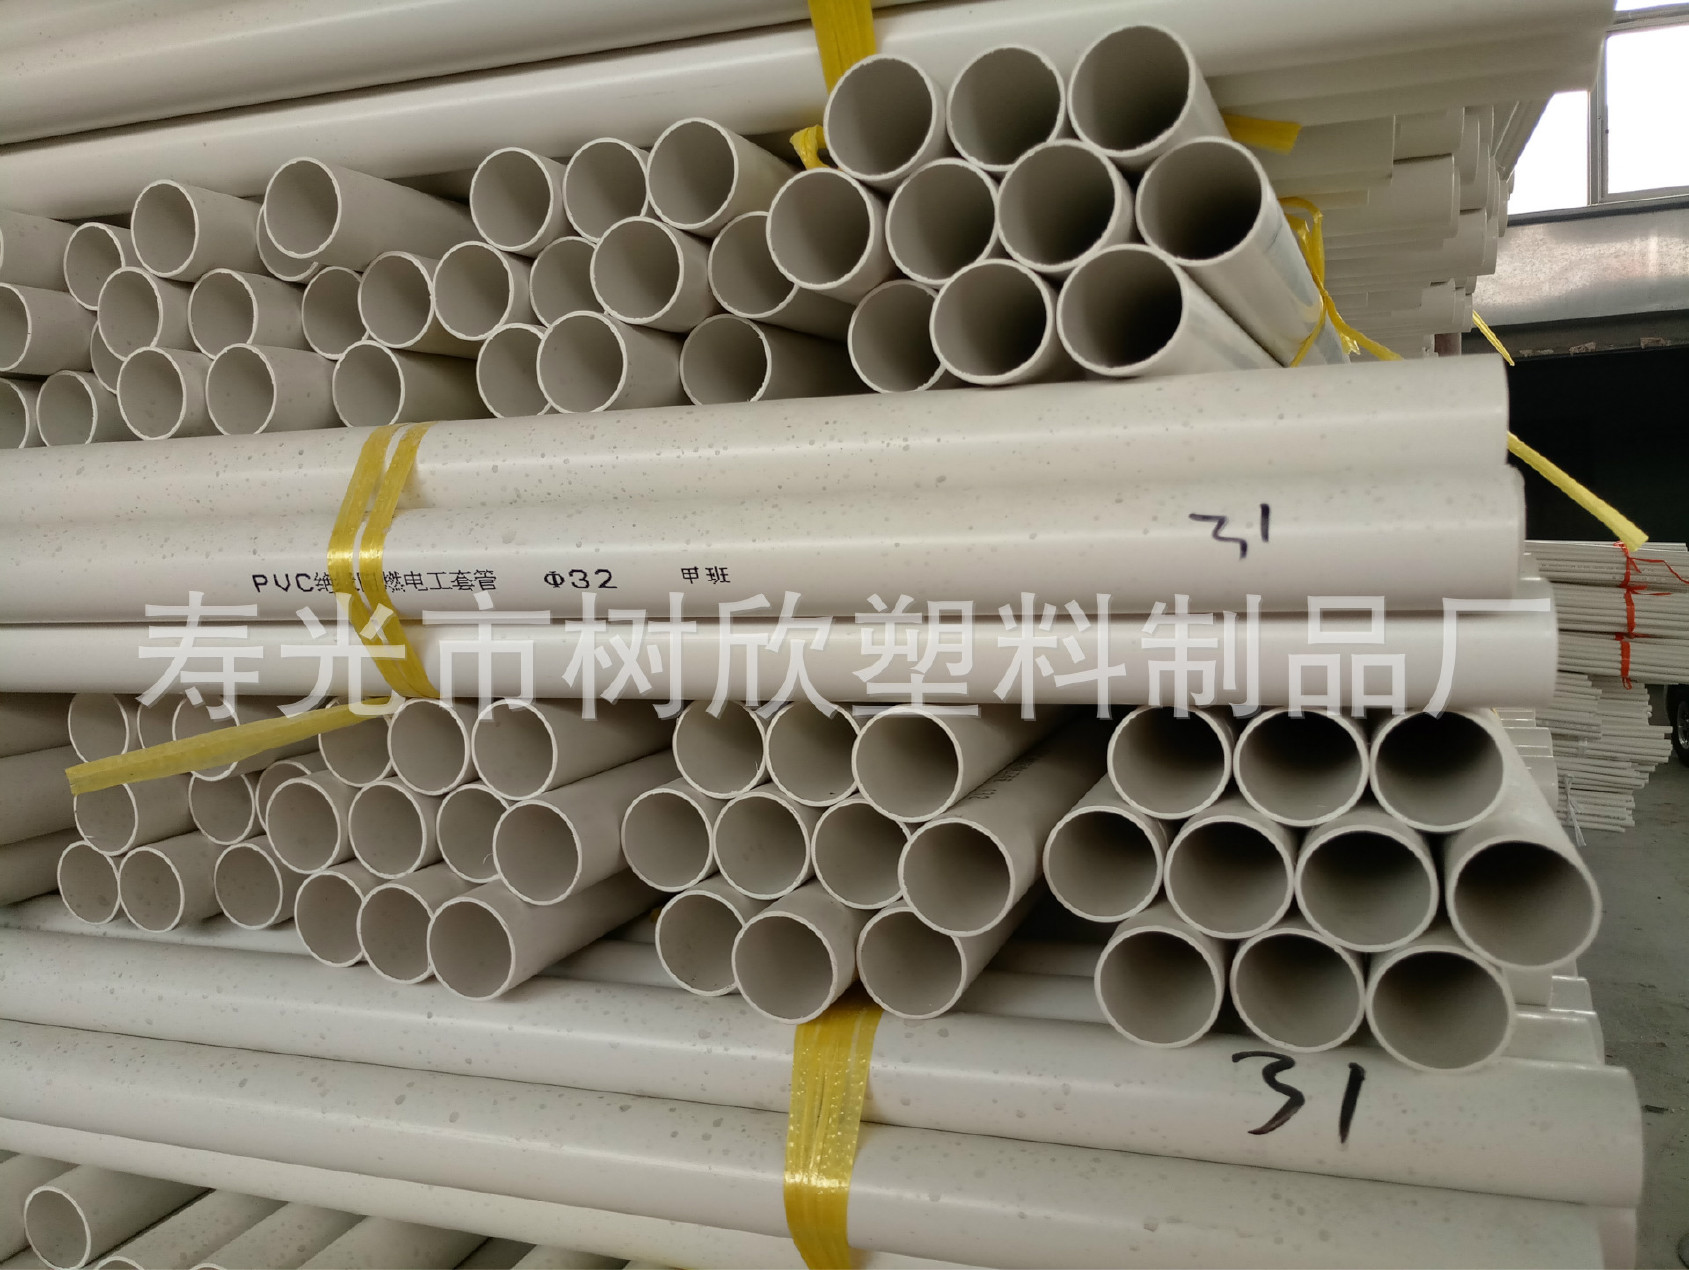 pvc电工套管 pvc阻燃建筑用绝缘电工套管 PVC电线管穿线管批发示例图40